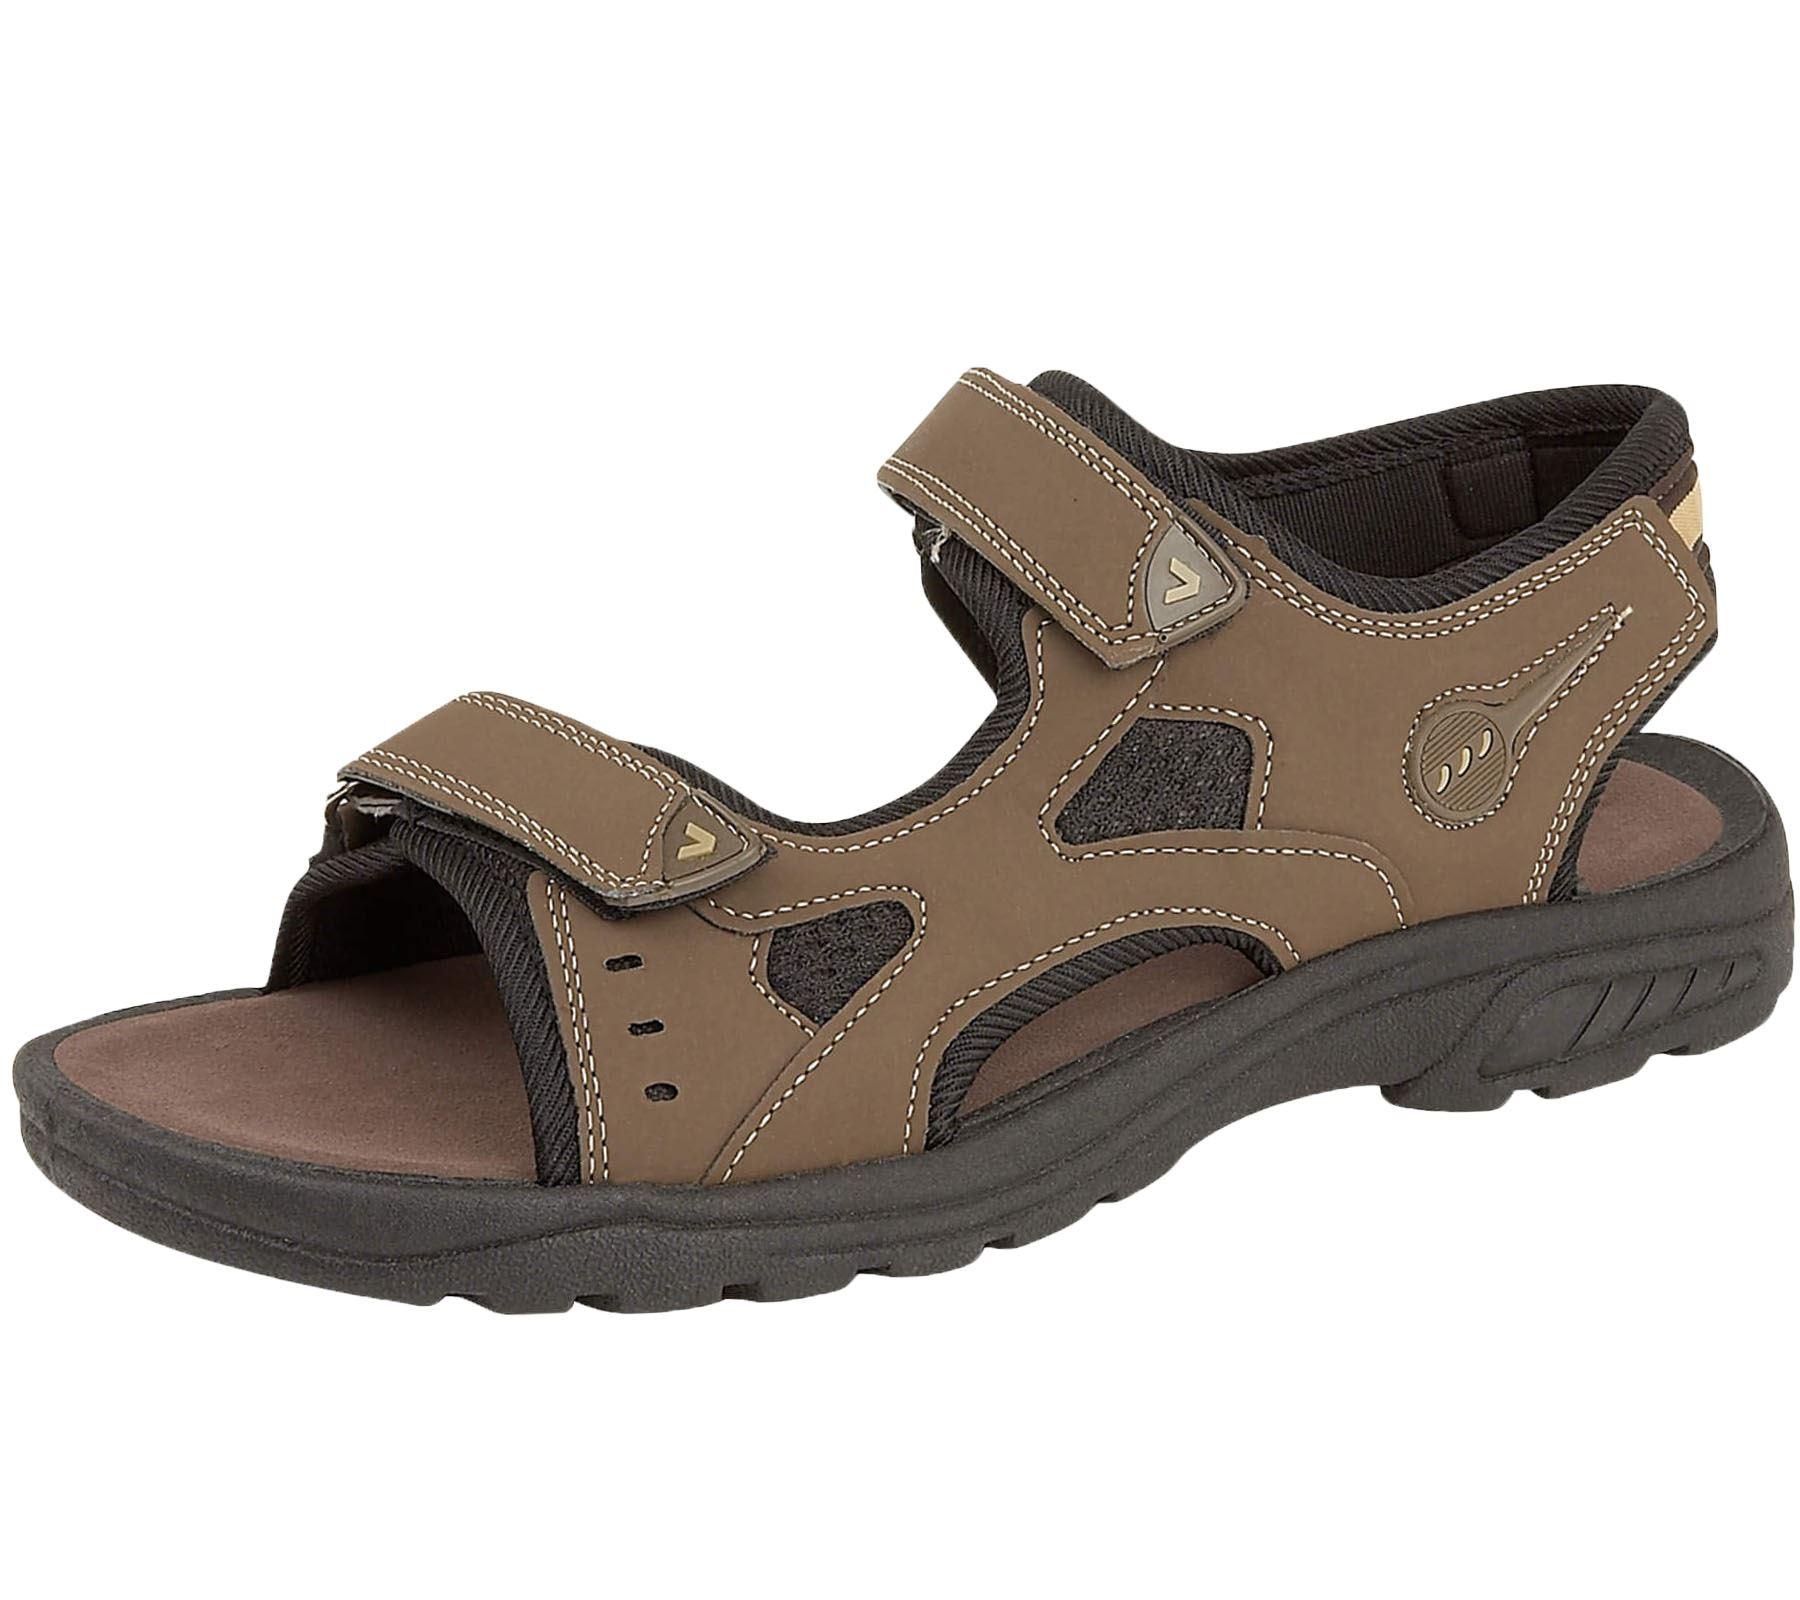 Mens-Sandals-Summer-Beach-Casual-Syenthatic-Sandals miniatura 10